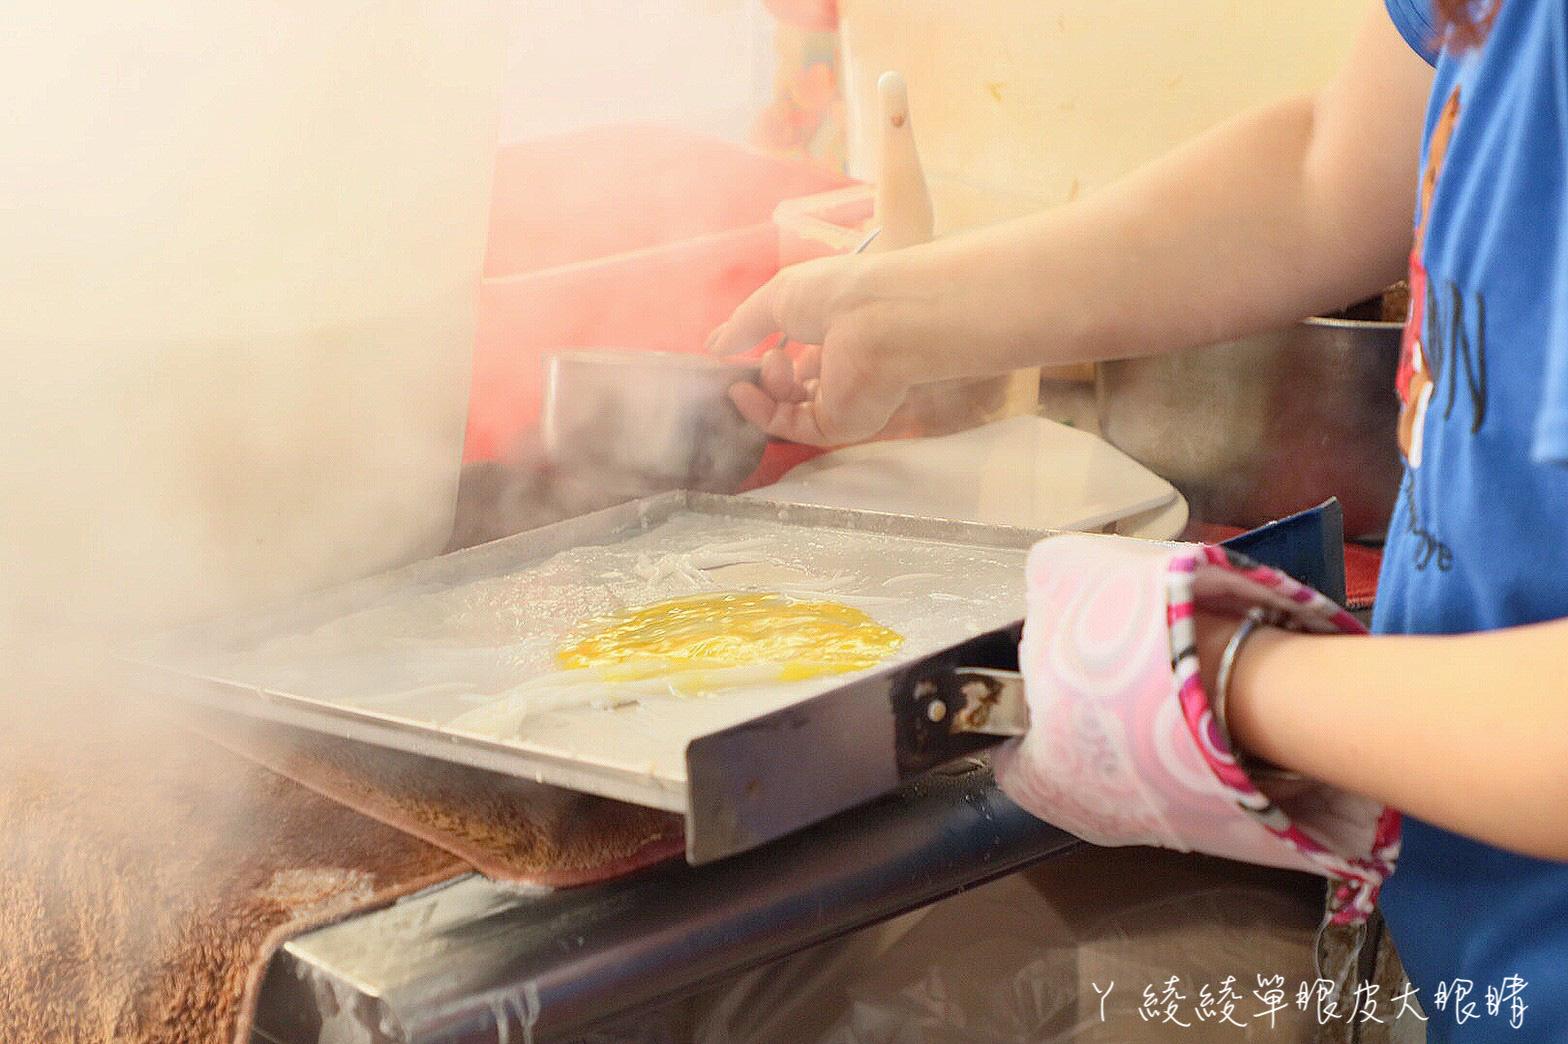 新竹人懷念的滋味竹光大粉粿!份量十足的古早味早餐美食,粉粿加豆花銅板價就可以吃飽飽